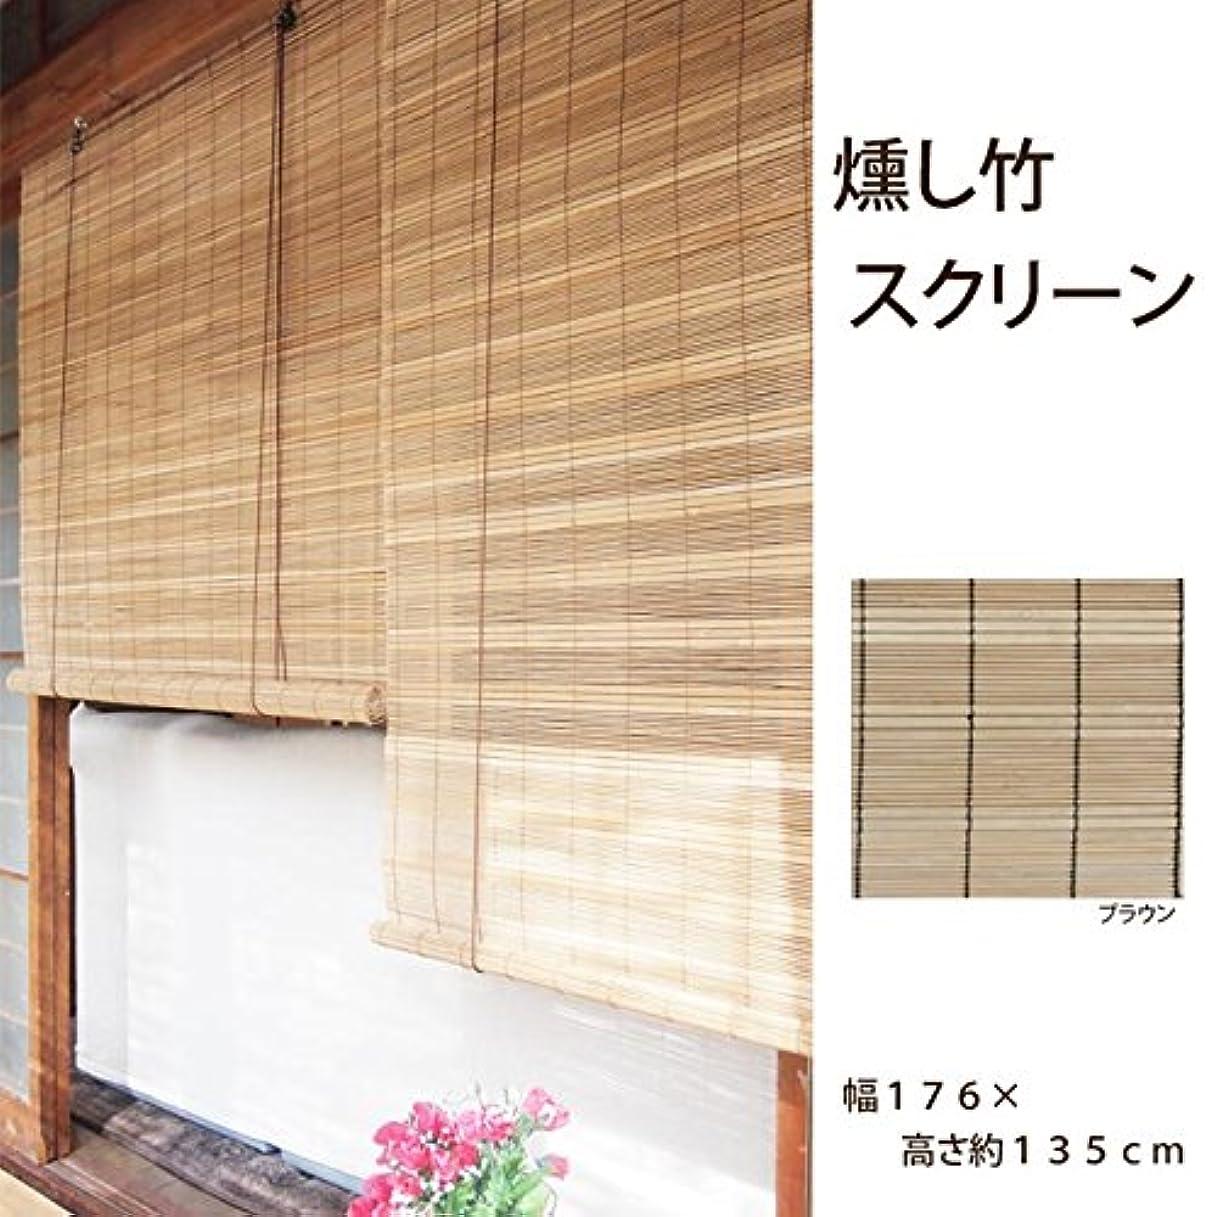 ホバーカフェ等価燻し竹スクリーン 幅176×高さ約135cm/ブラウン